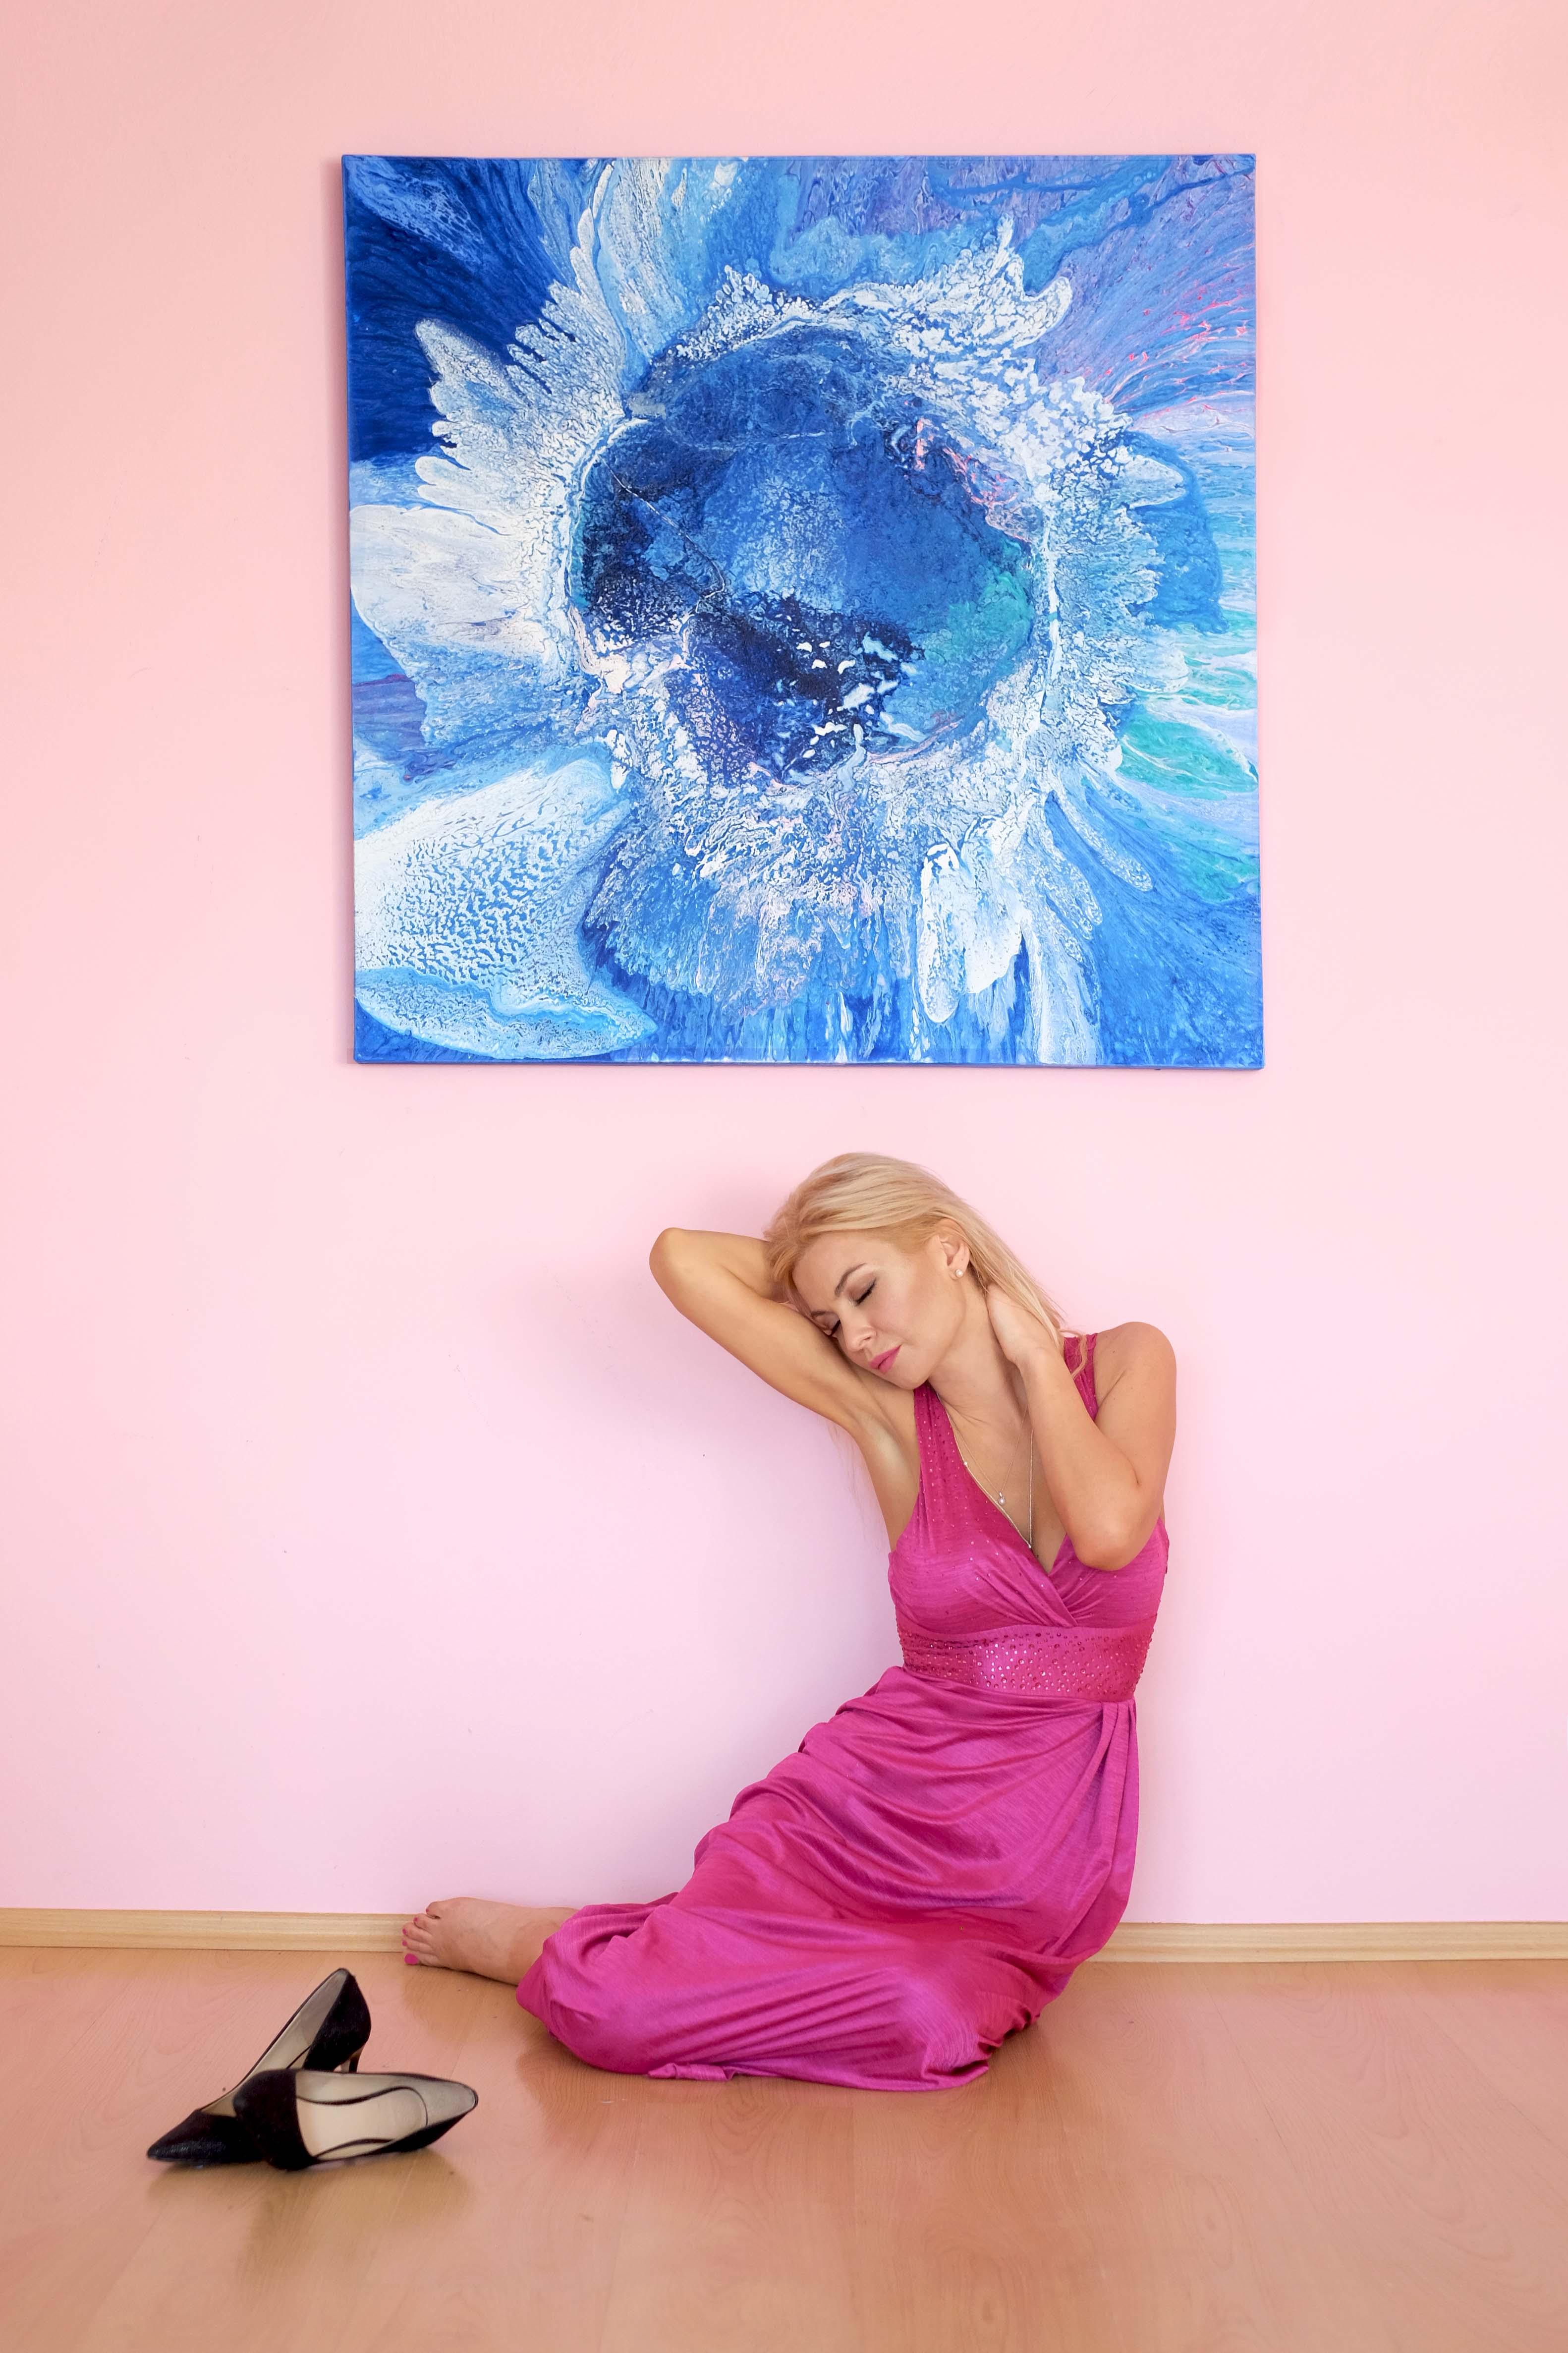 Modrý svět - abstraktní obrazy